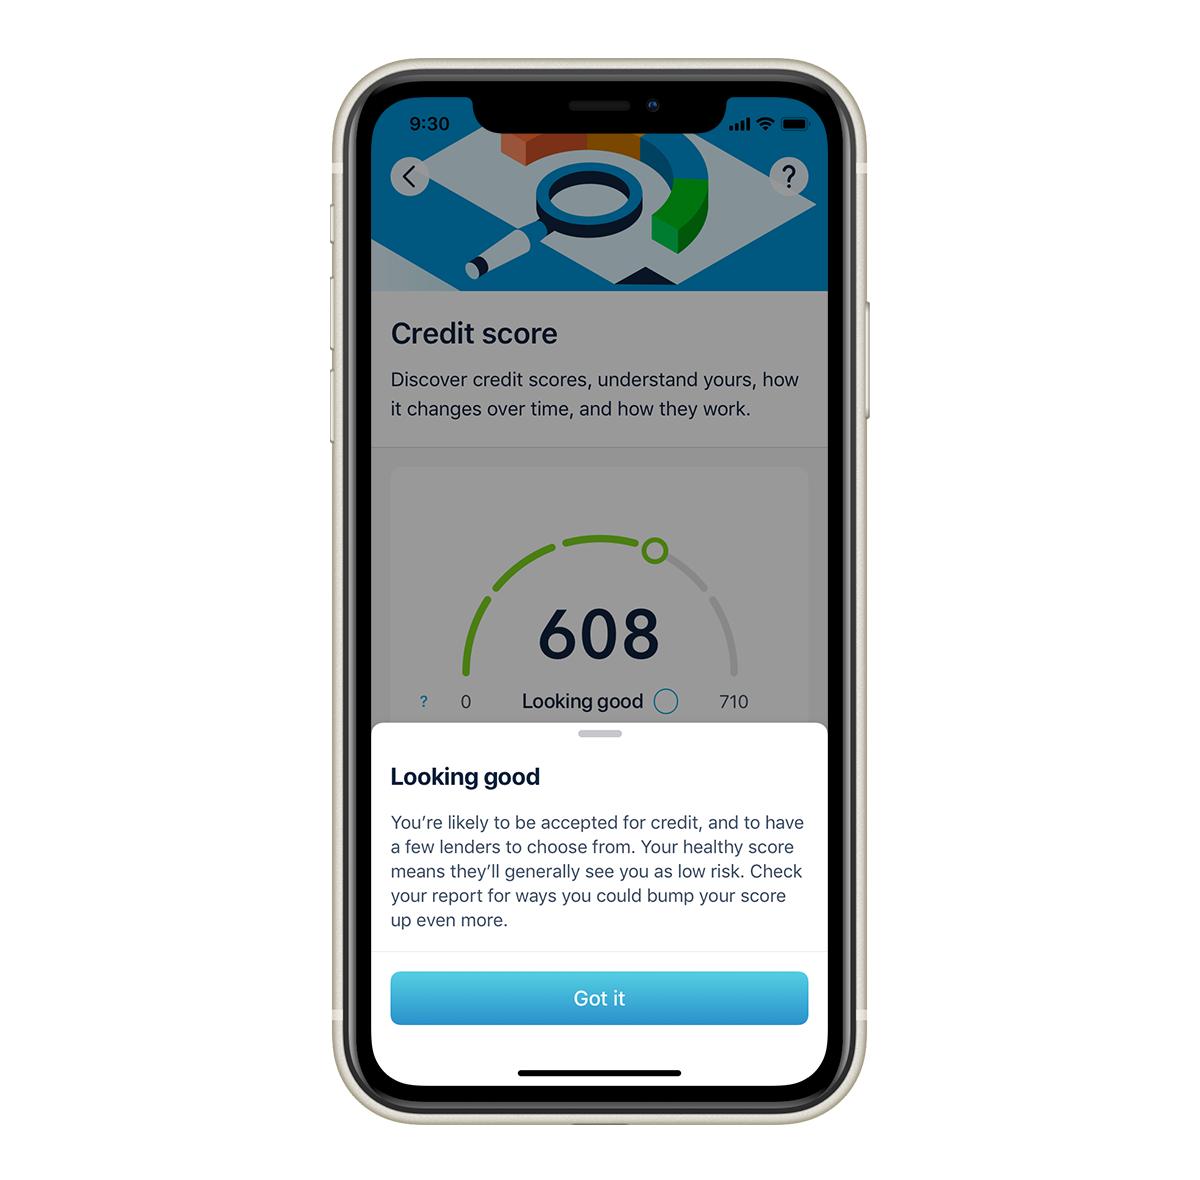 Plus Credit Score iOS 2